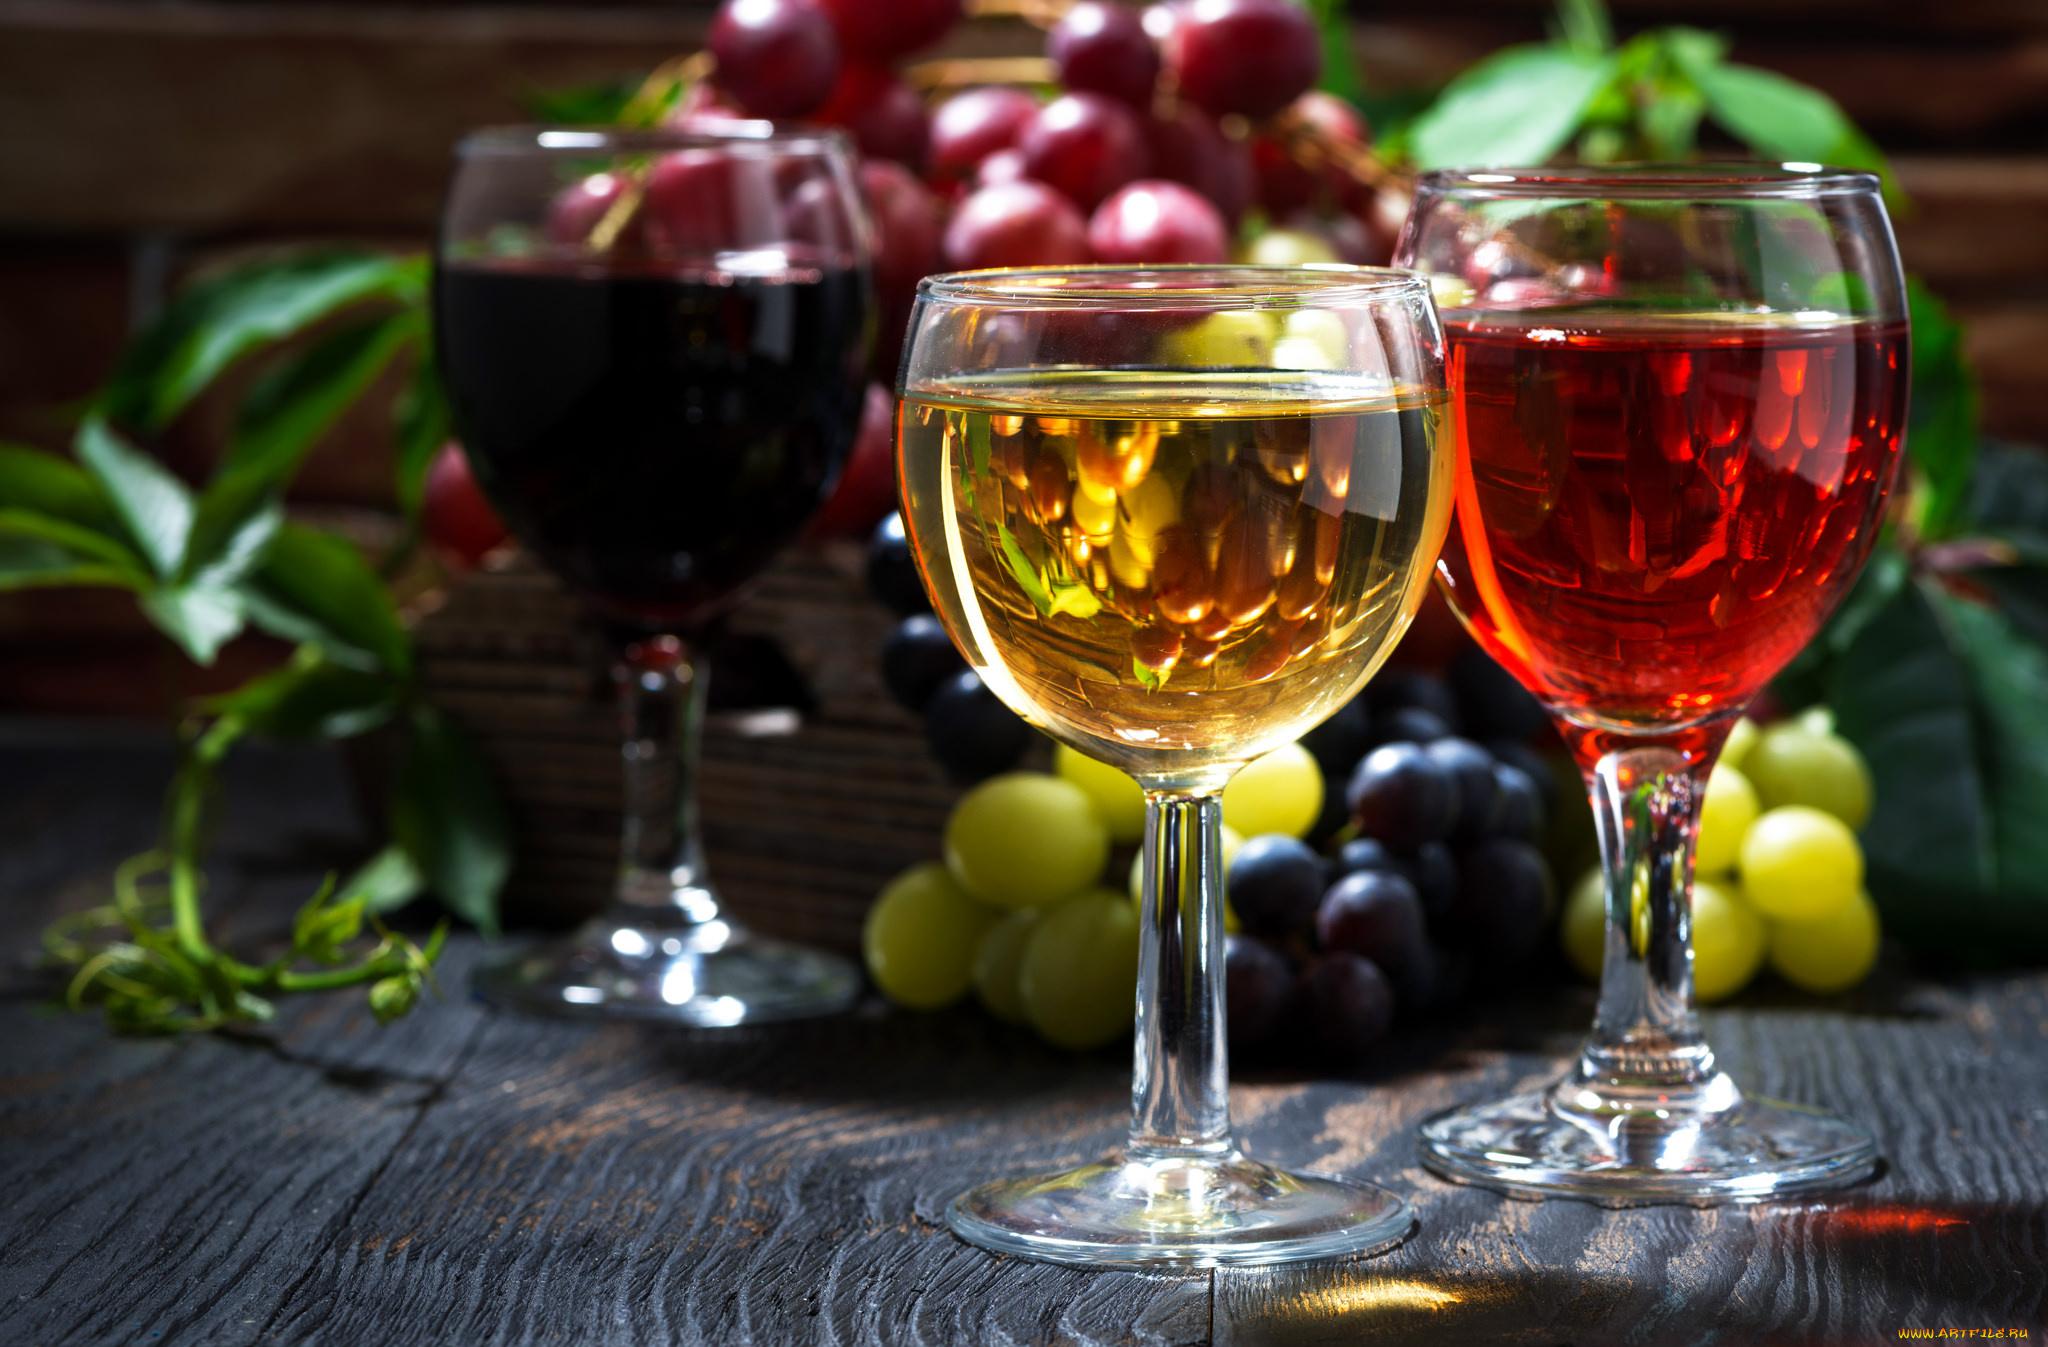 Картинка с вином в бокале, открытки праздником любви